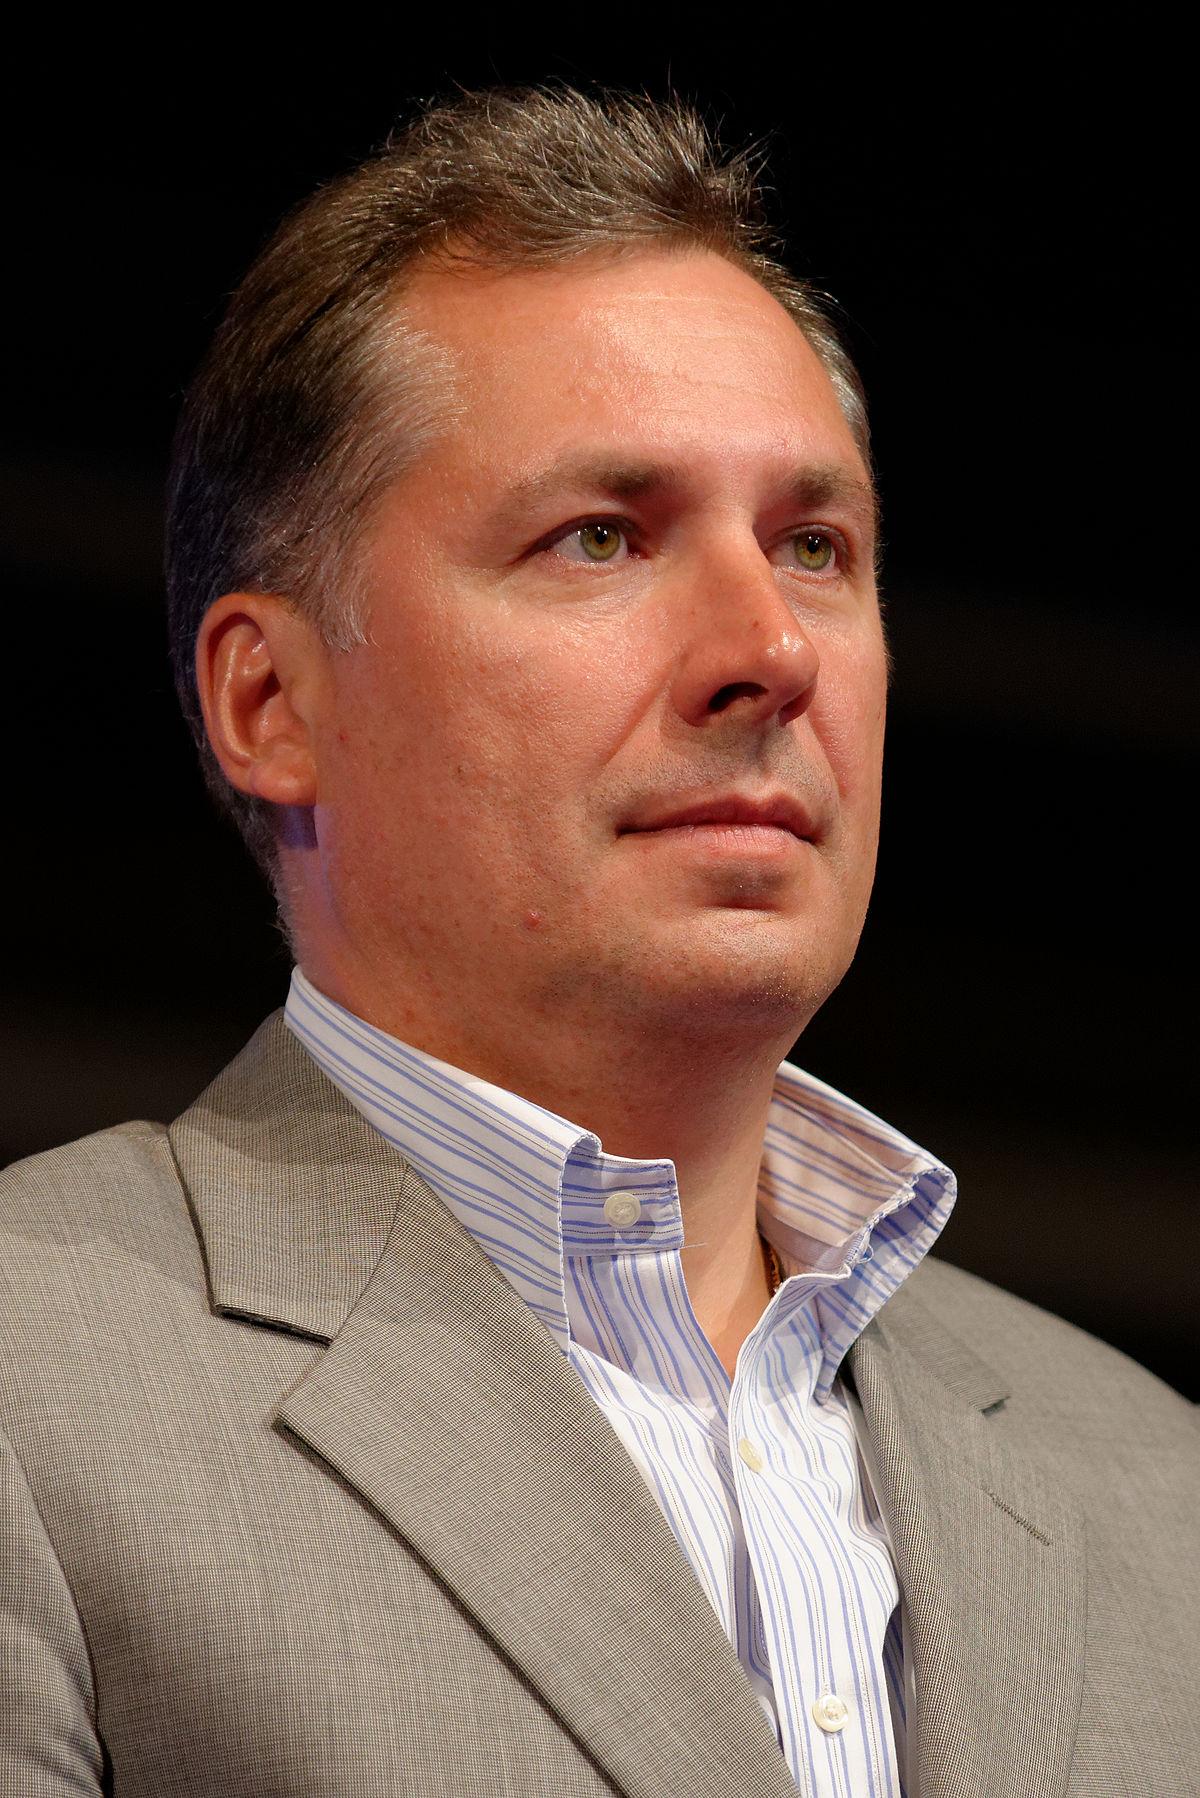 Stanislav Pozdnyakov Wikipedia